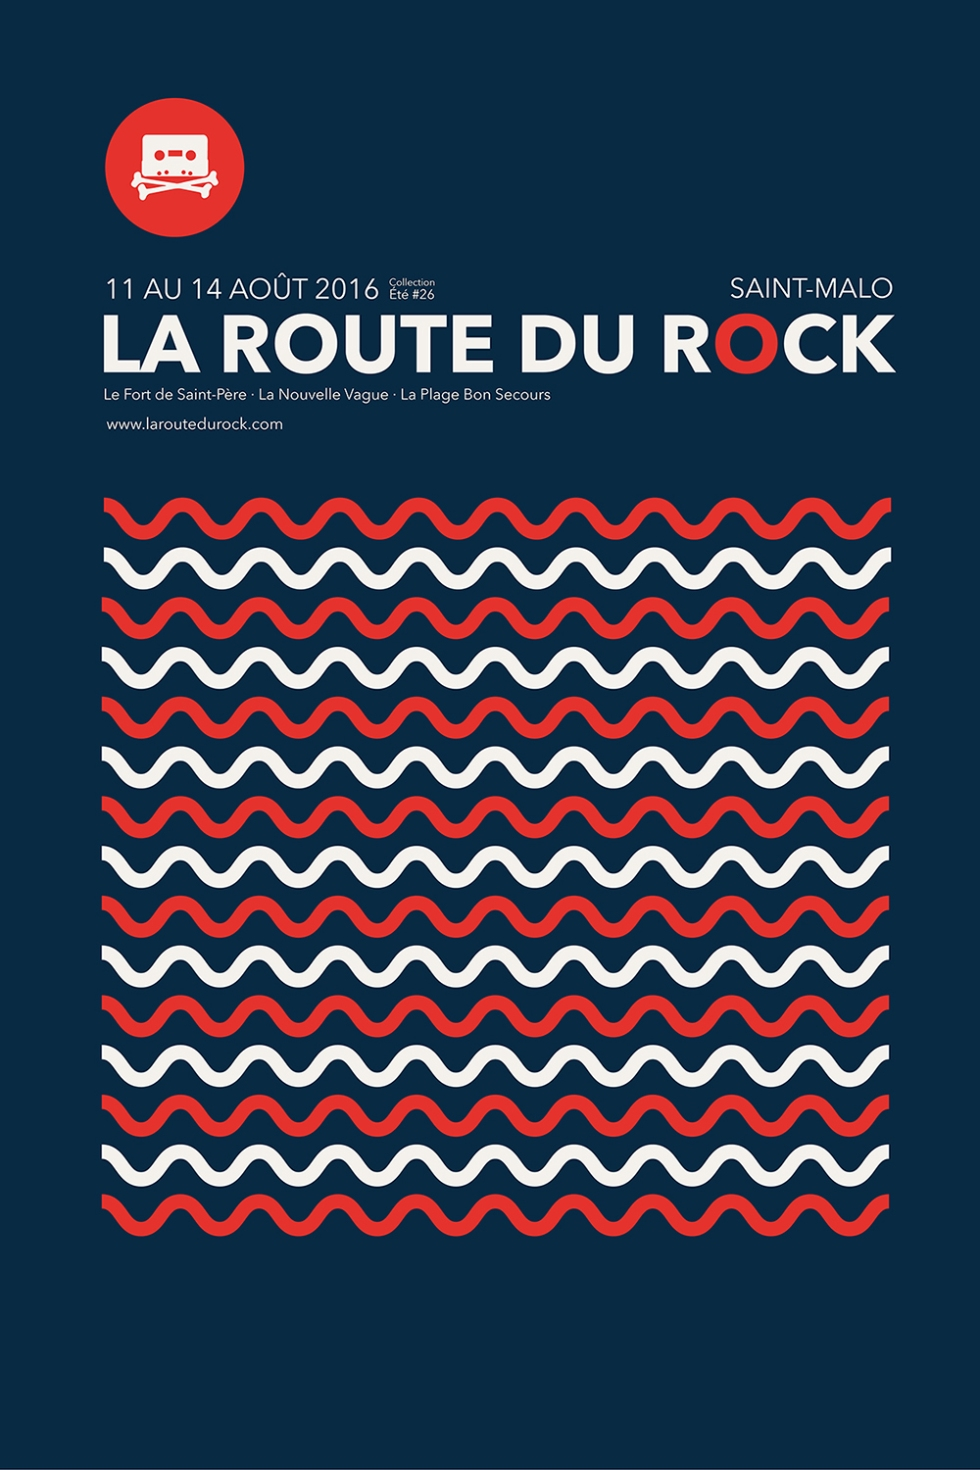 La Route du Rock Affiche